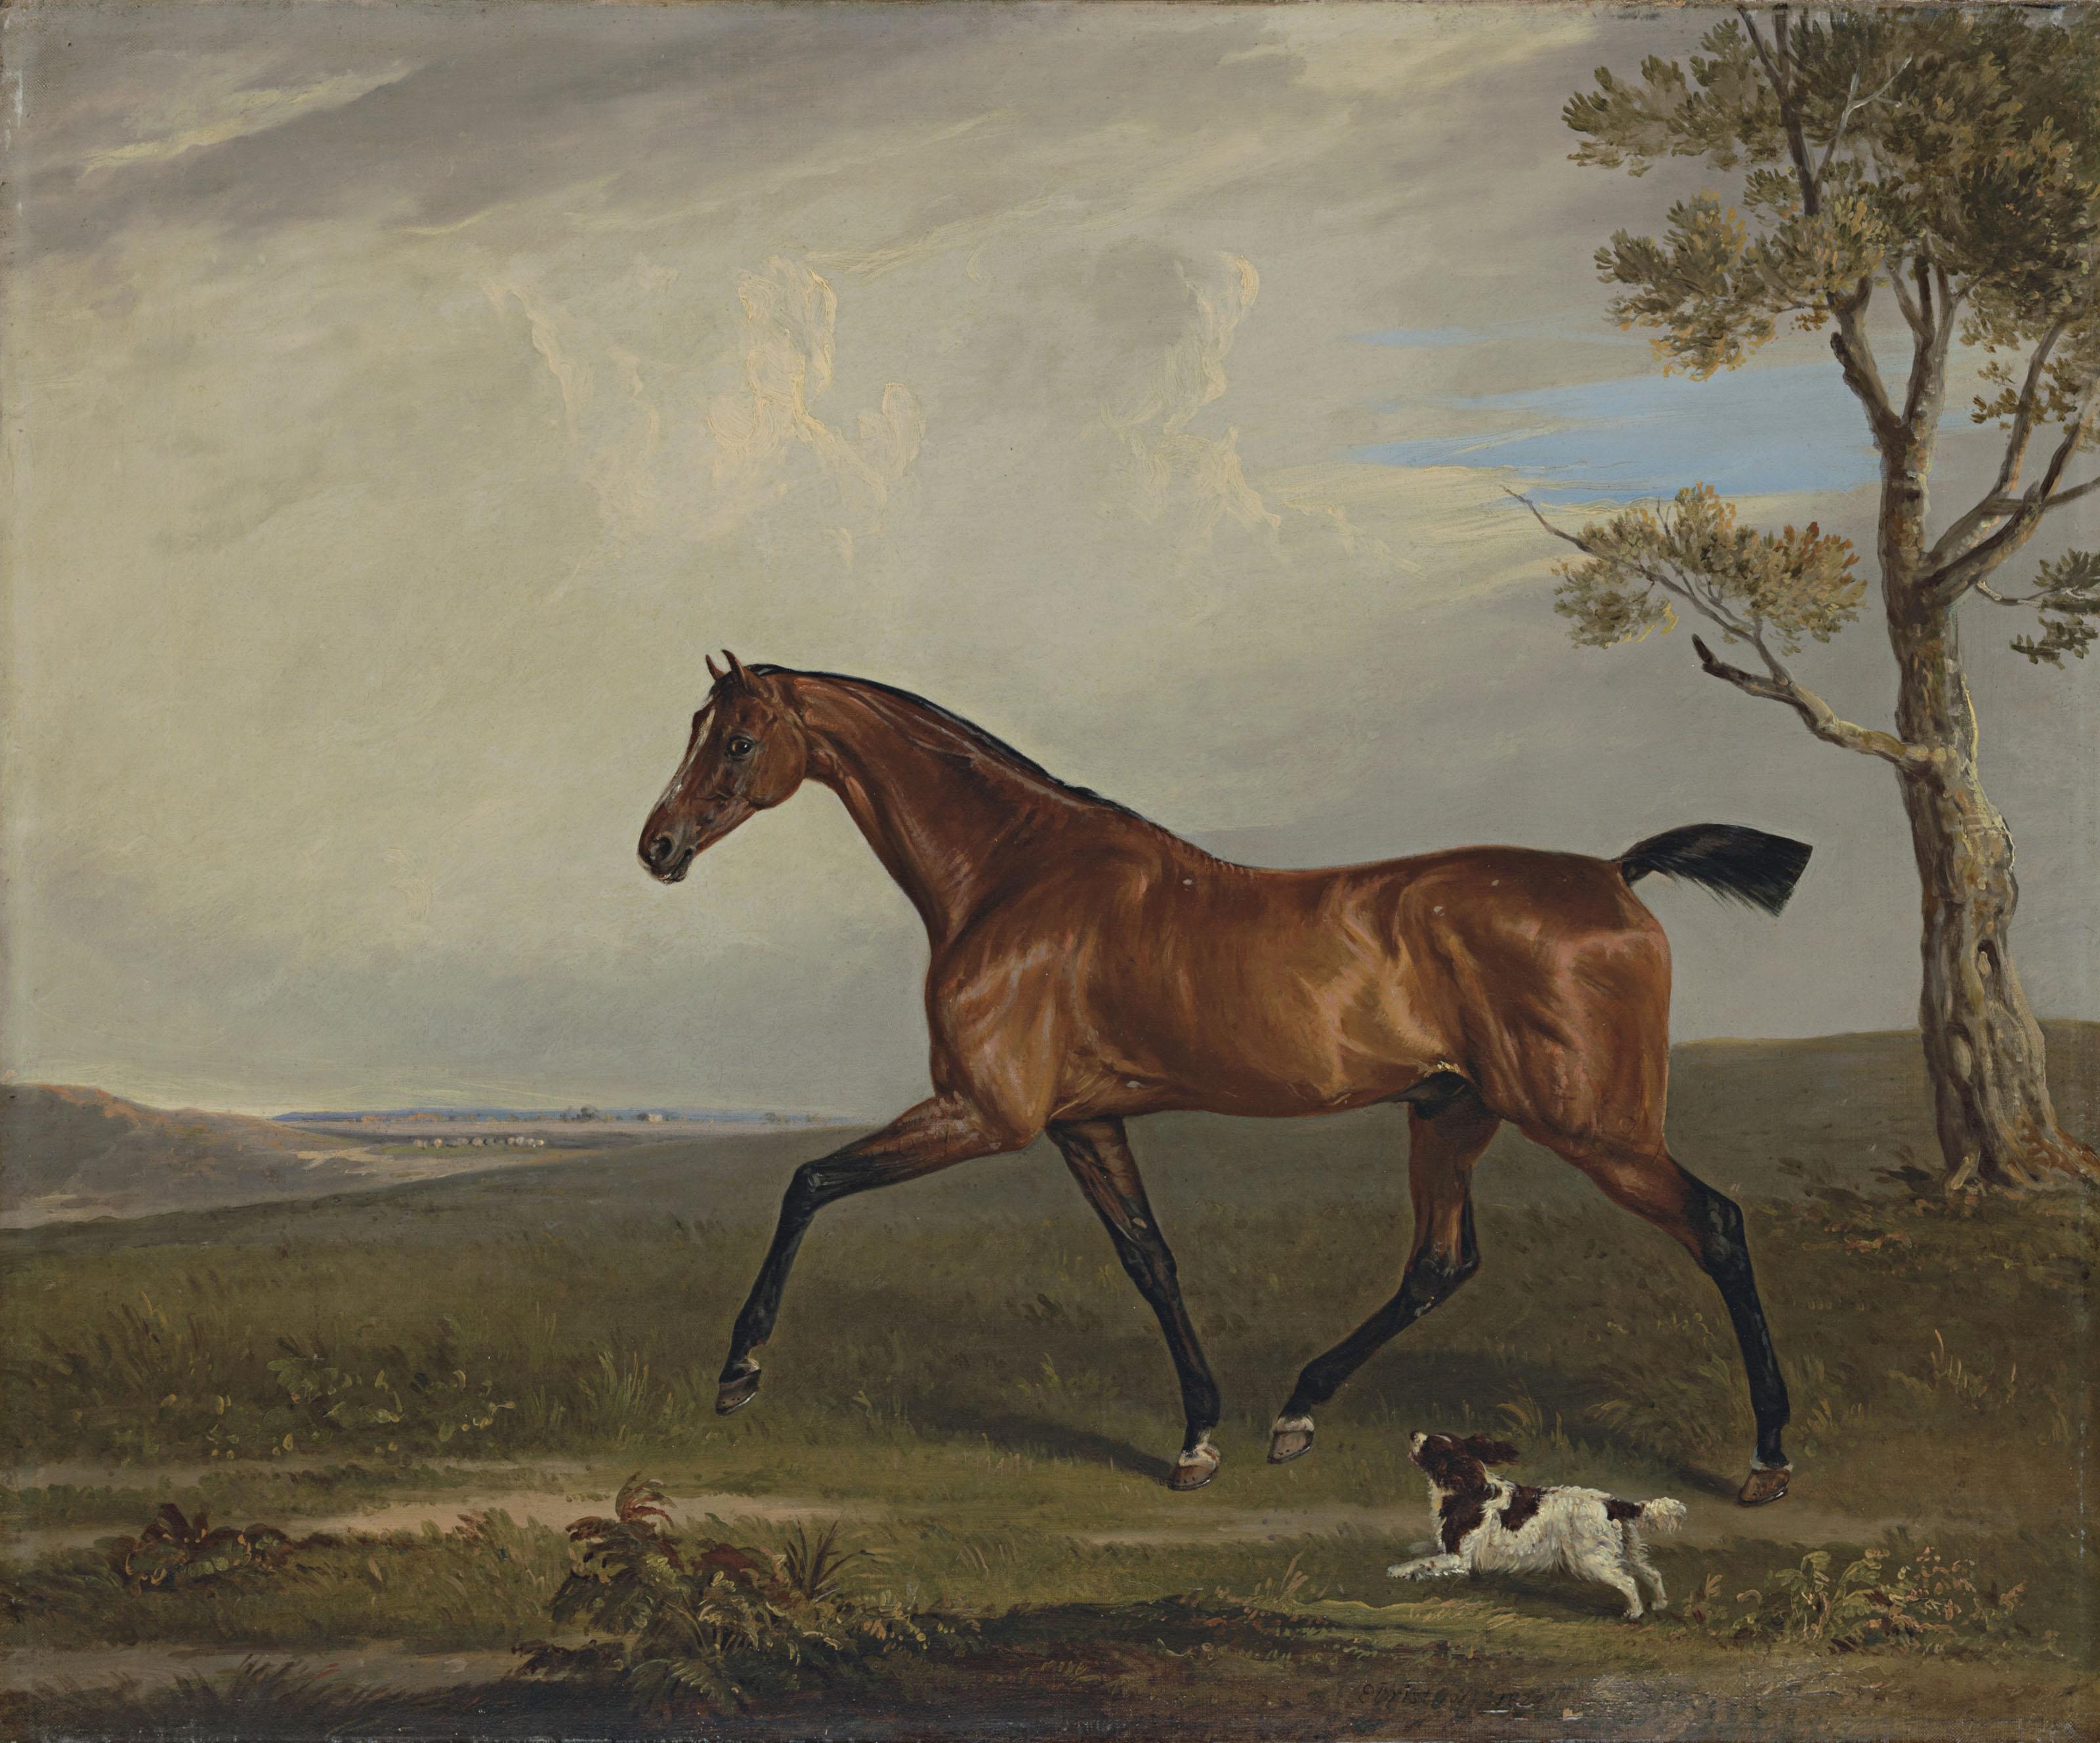 Edmund Bristow (British, 1787-